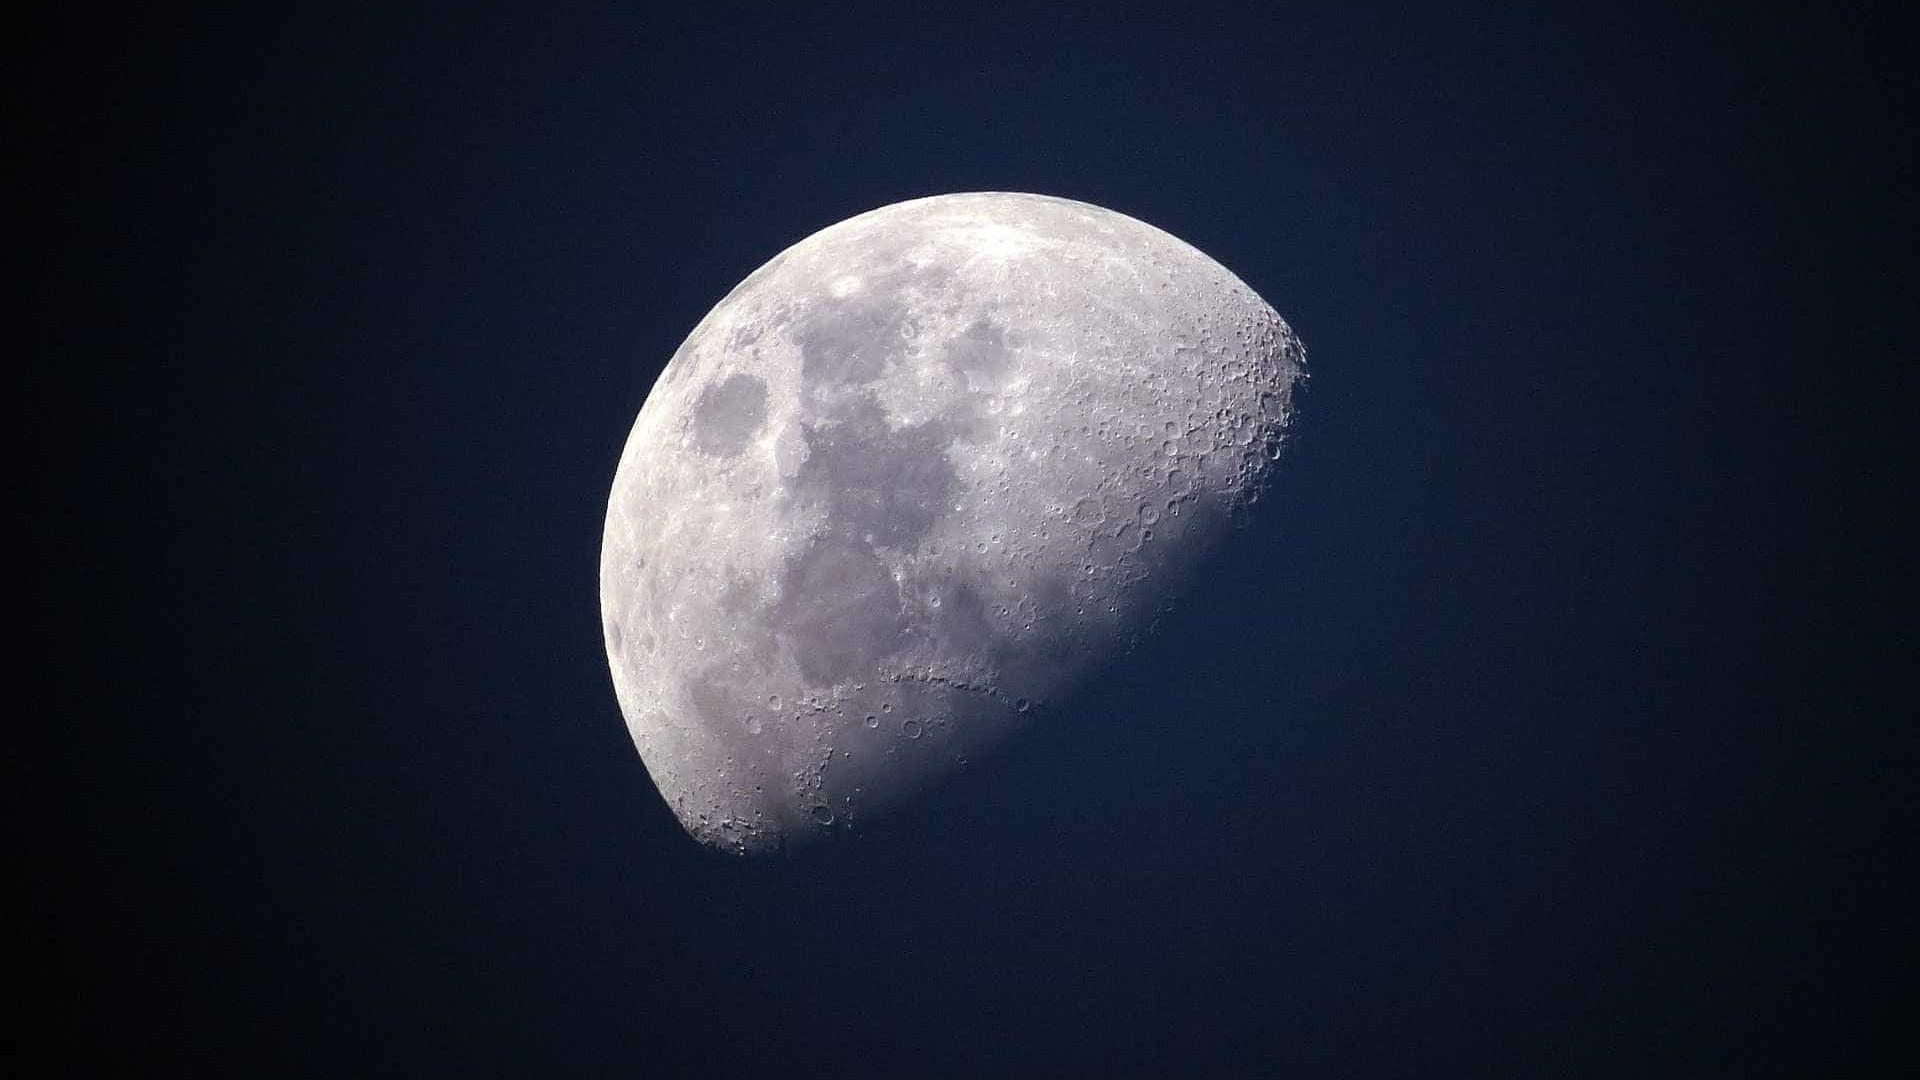 Sob Trump, EUA estimulam missões privadas à Lua